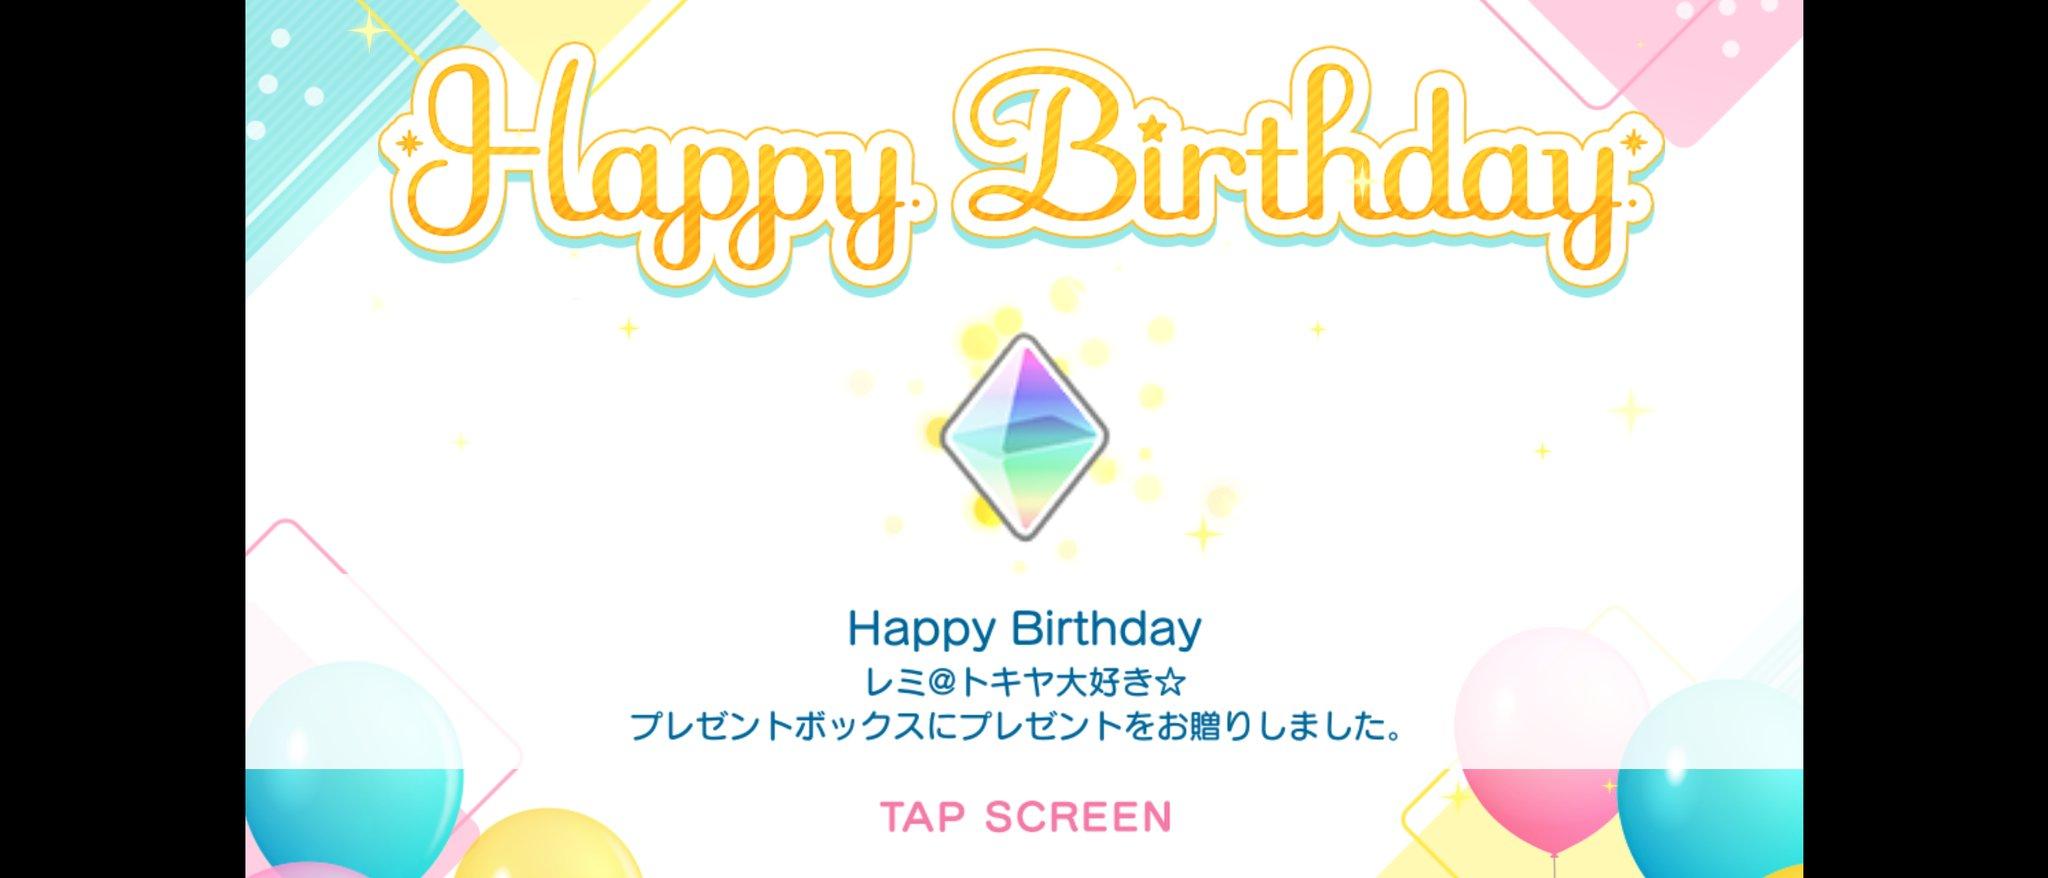 My Happy Birthday